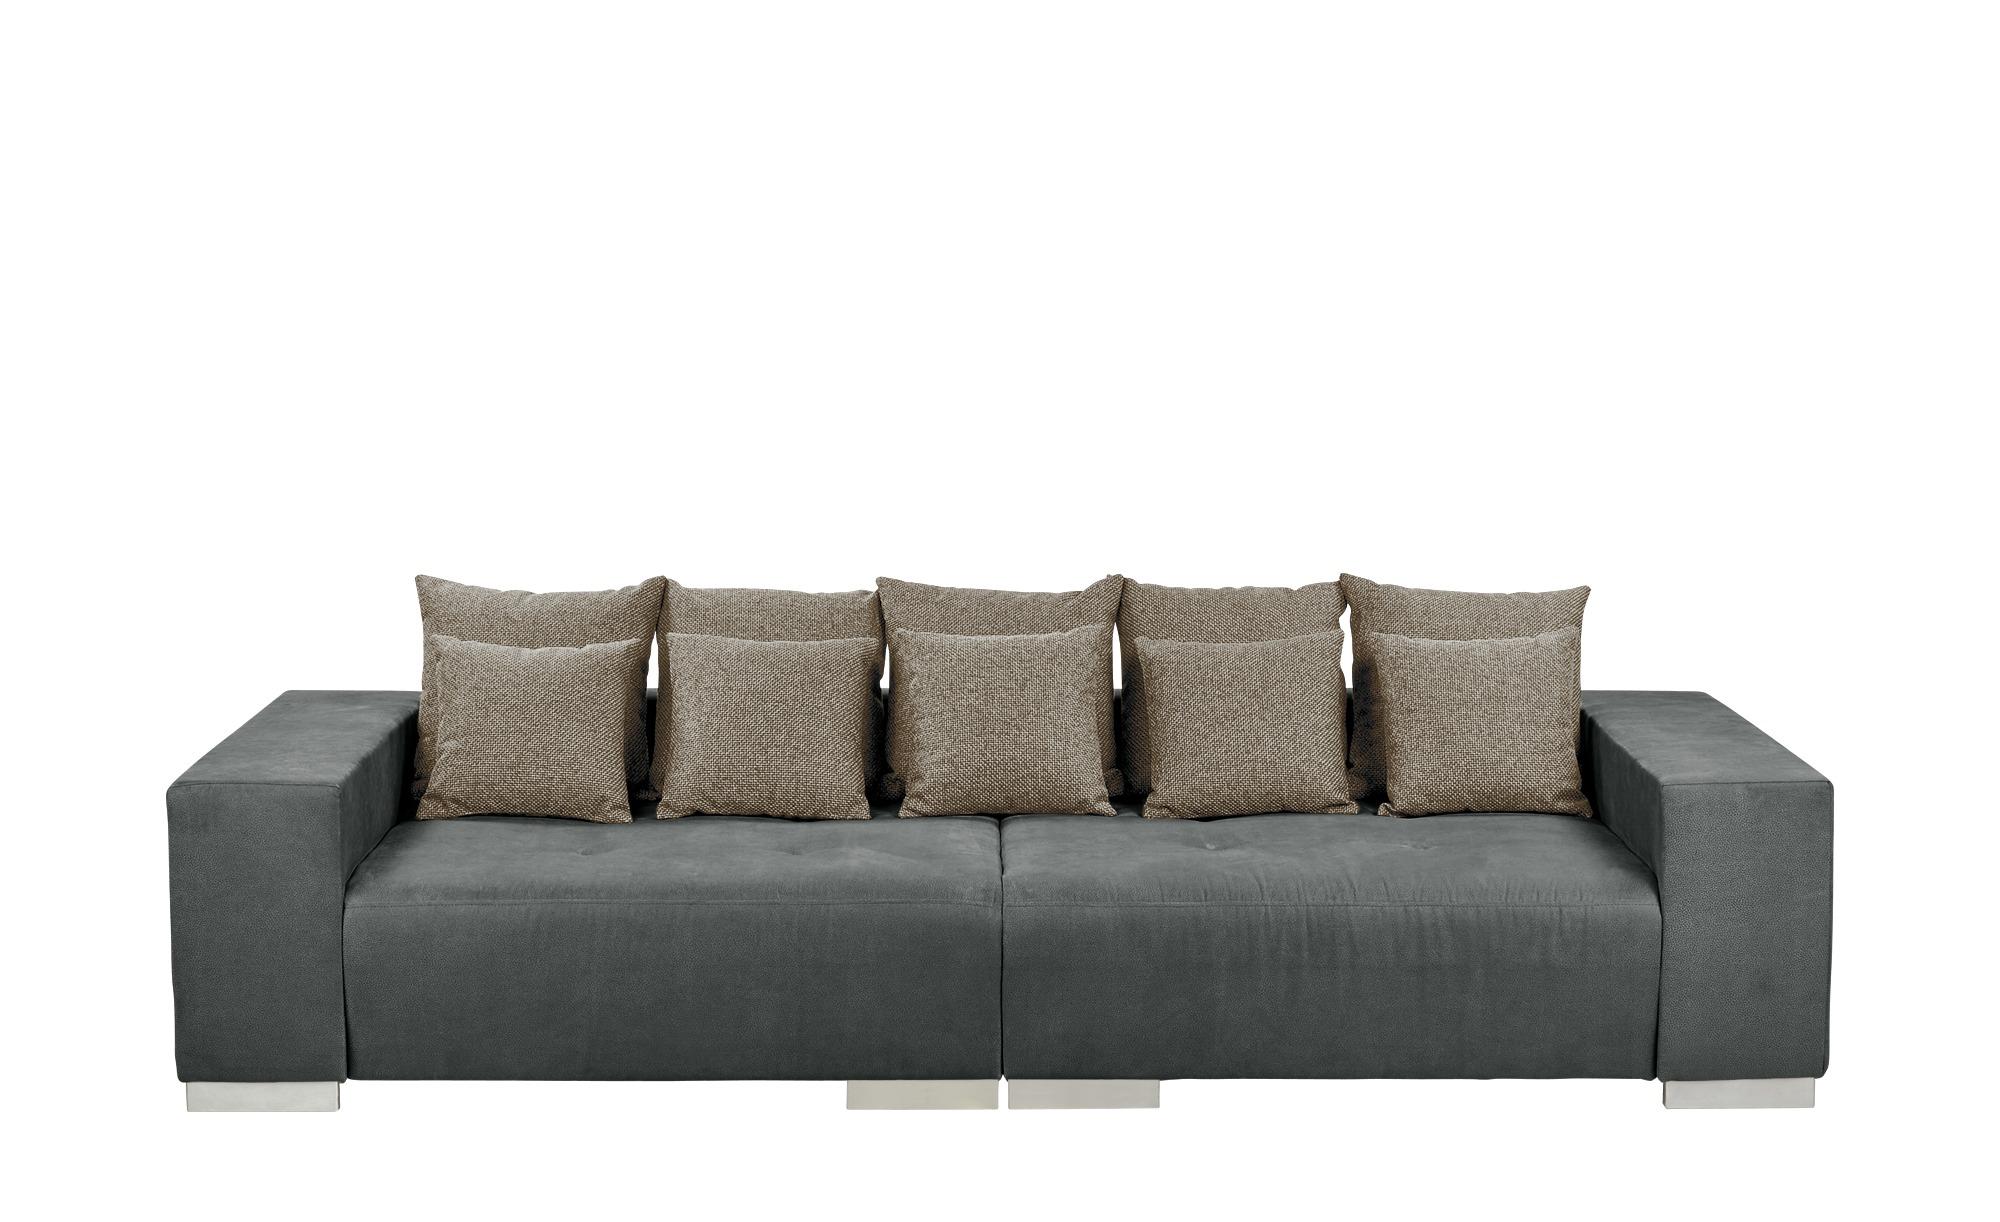 switch Big Sofa dunkelgrau - Mikrofaser Max ¦ grau ¦ Maße (cm): B: 300 H: 85 T: 136 Polstermöbel > Sofas > Big-Sofas - Höffner | Wohnzimmer > Sofas & Couches > Bigsofas | Grau | Mikrofaser - Massivholz | Möbel Höffner DE